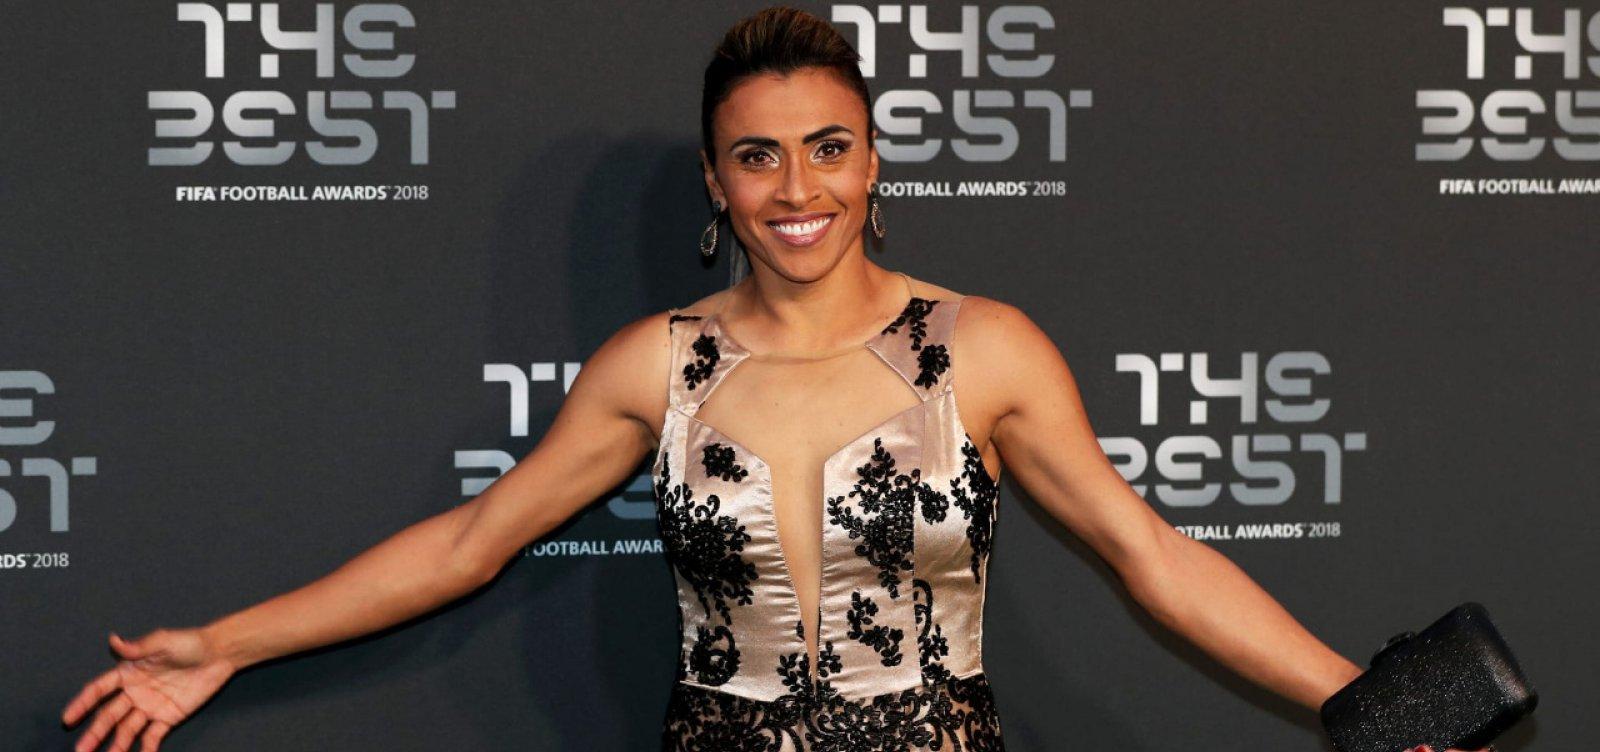 [Marta vence pela 6ª vez e desbanca Ronaldo como maior futebolista de todos os tempos]